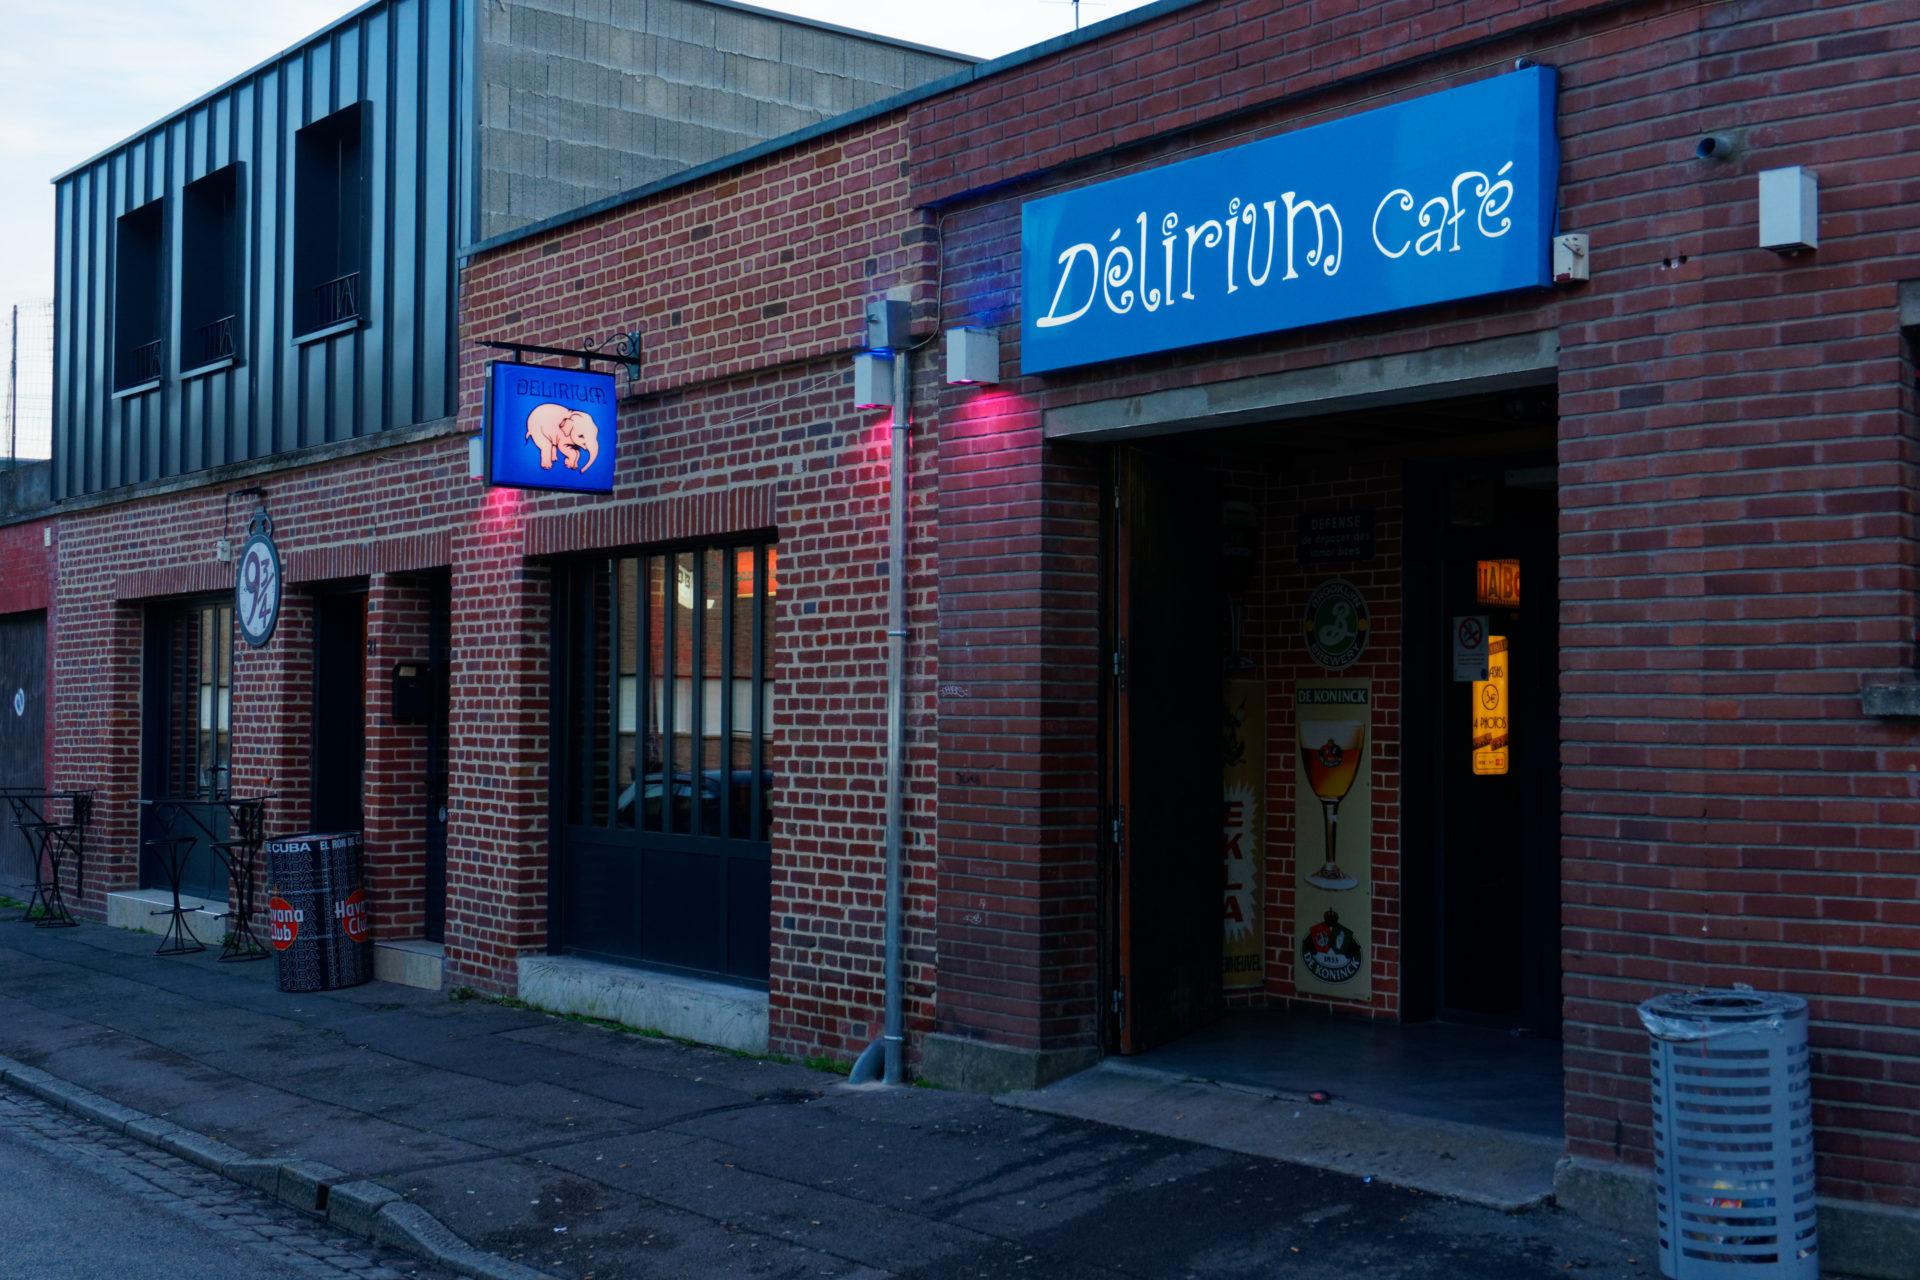 visiter amiens 5 cafes a voir et a